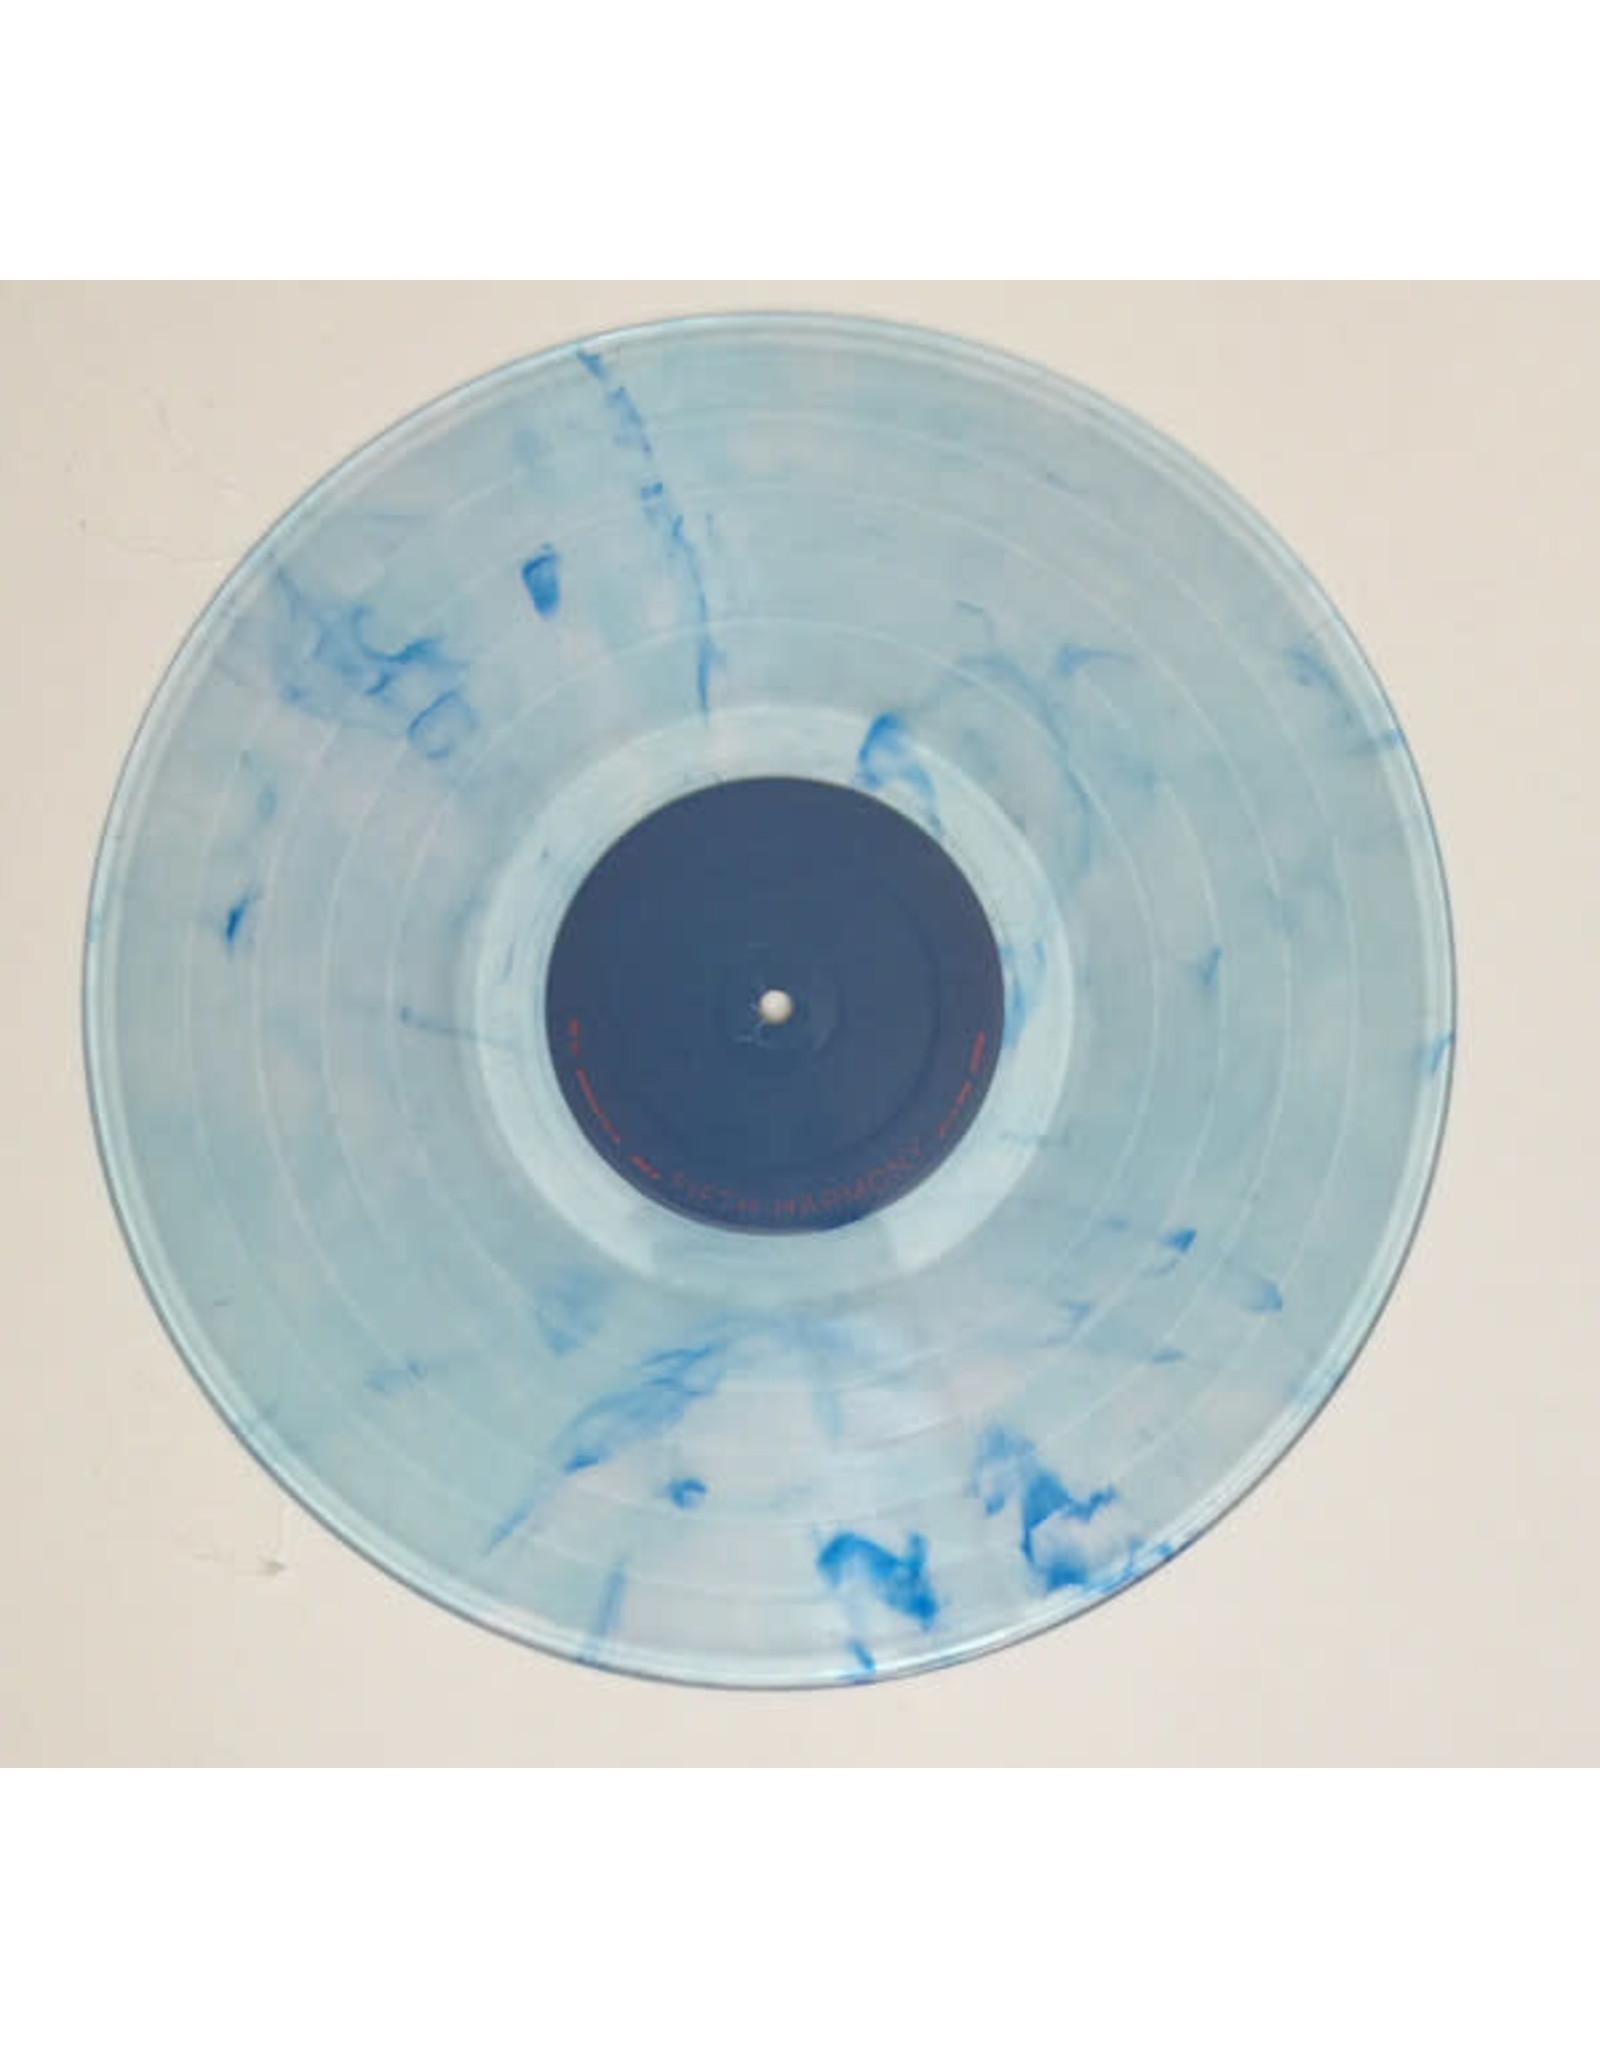 Fifth Harmony - Fifth Harmony (Swirled Blue Vinyl)